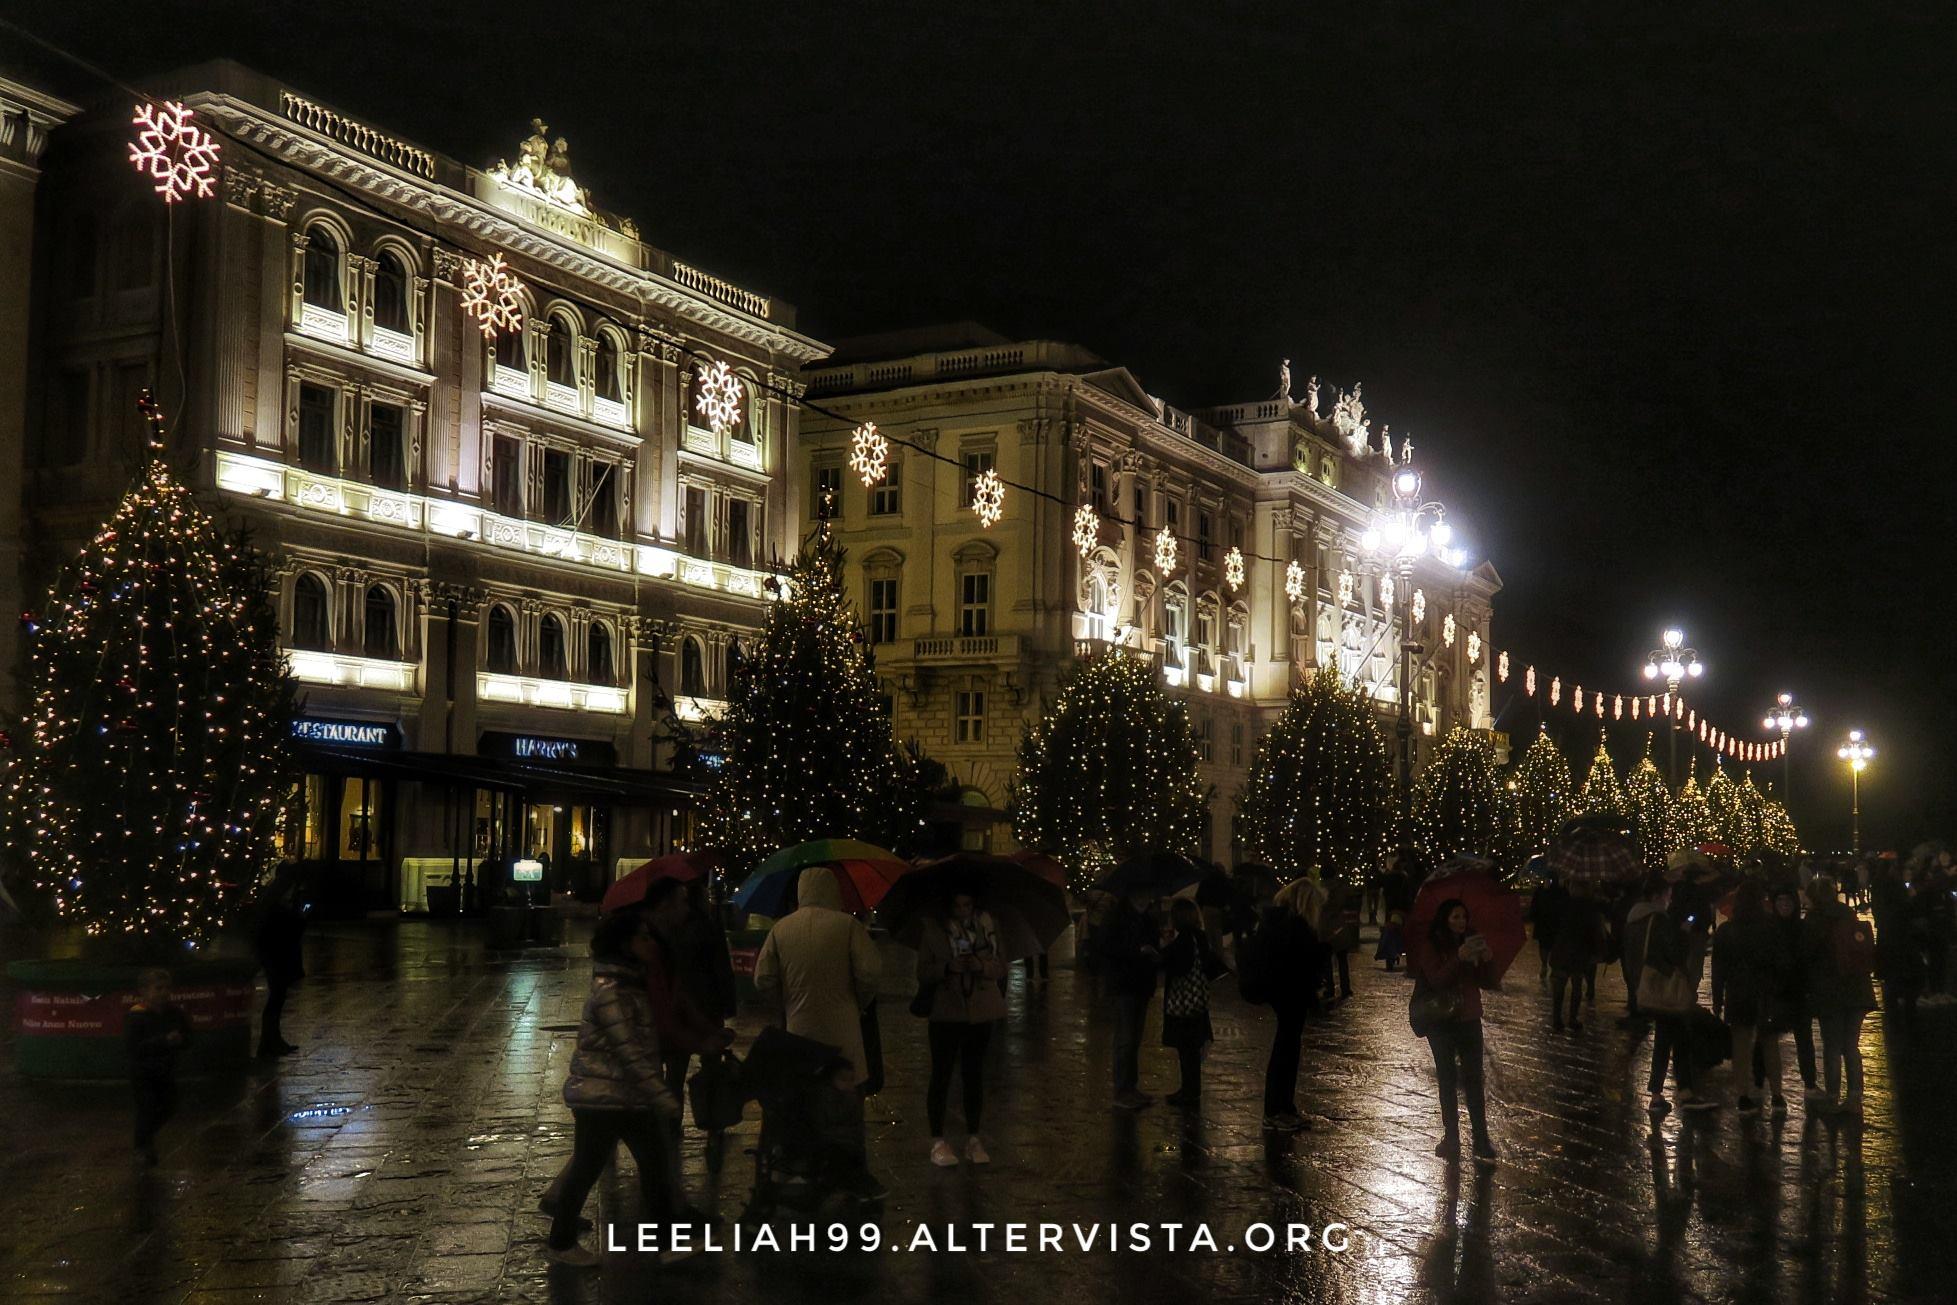 Luci natalizie in Piazza Unità d'Italia a Trieste © leeliah99.altervista.org